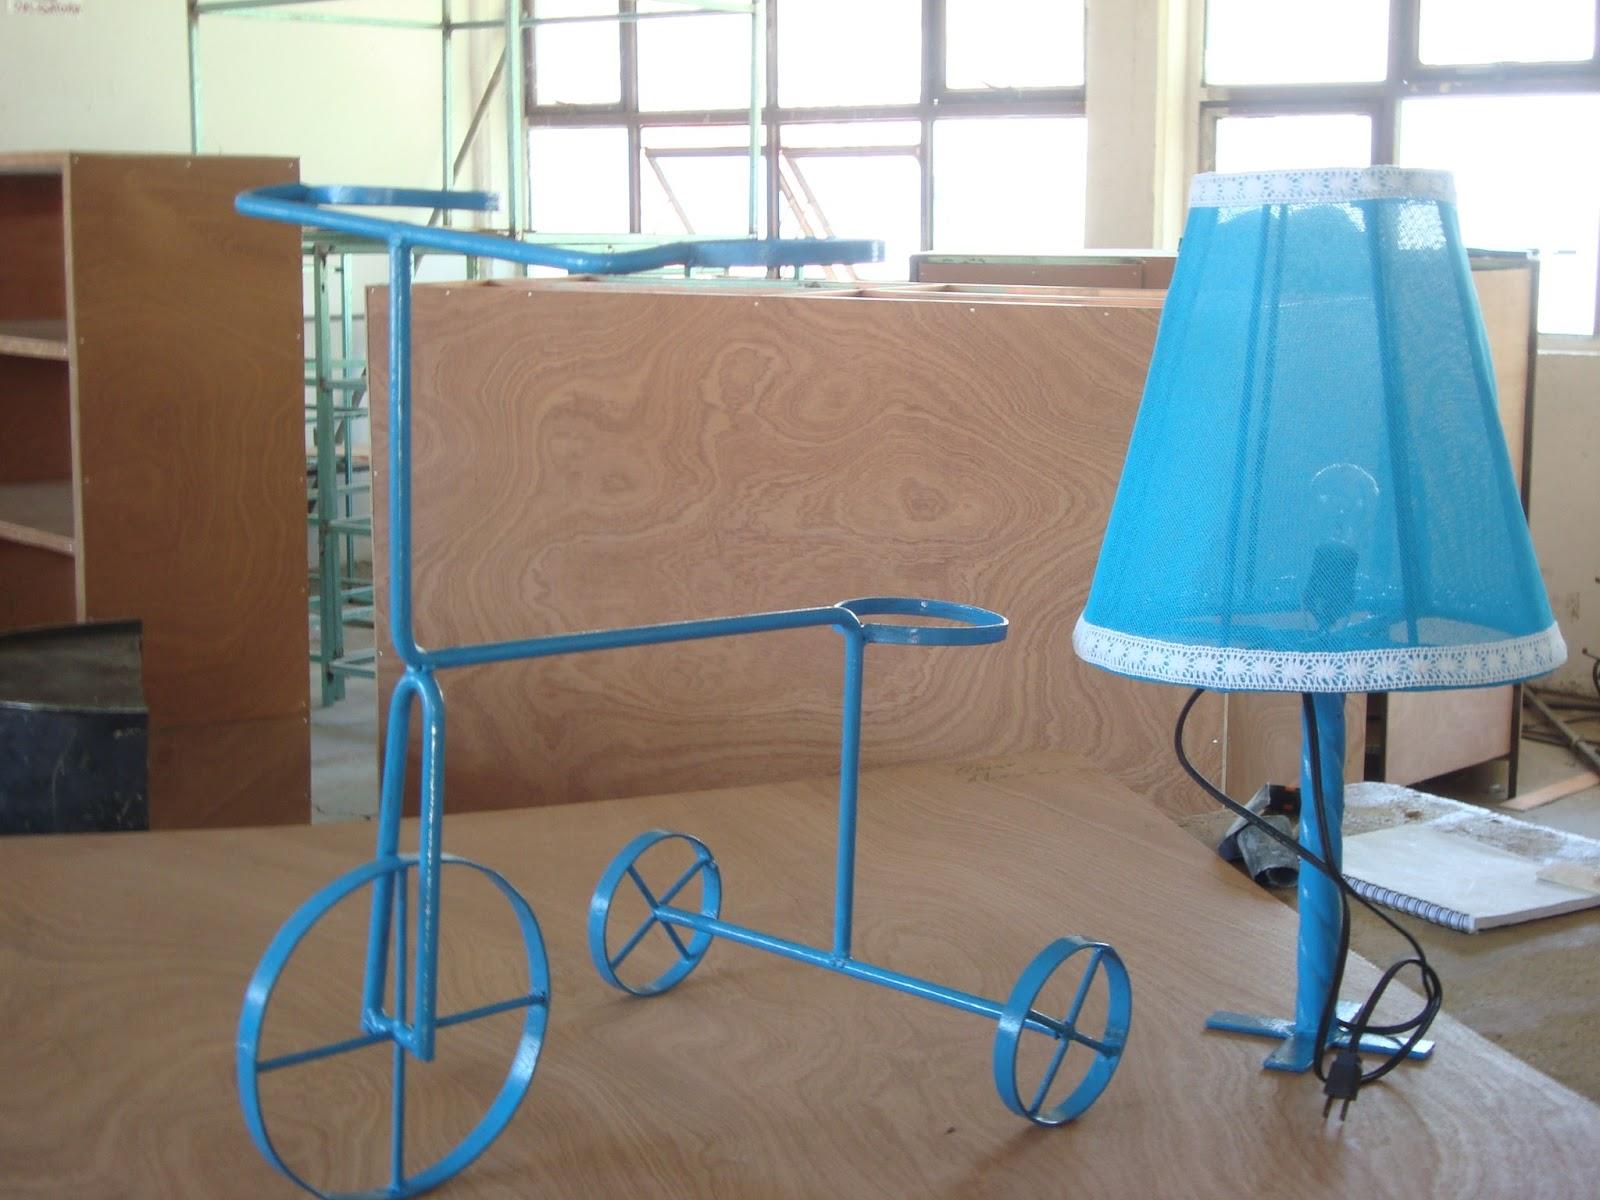 Imagenes de muebles metalicos artesanales for Fabrica de muebles metalicos